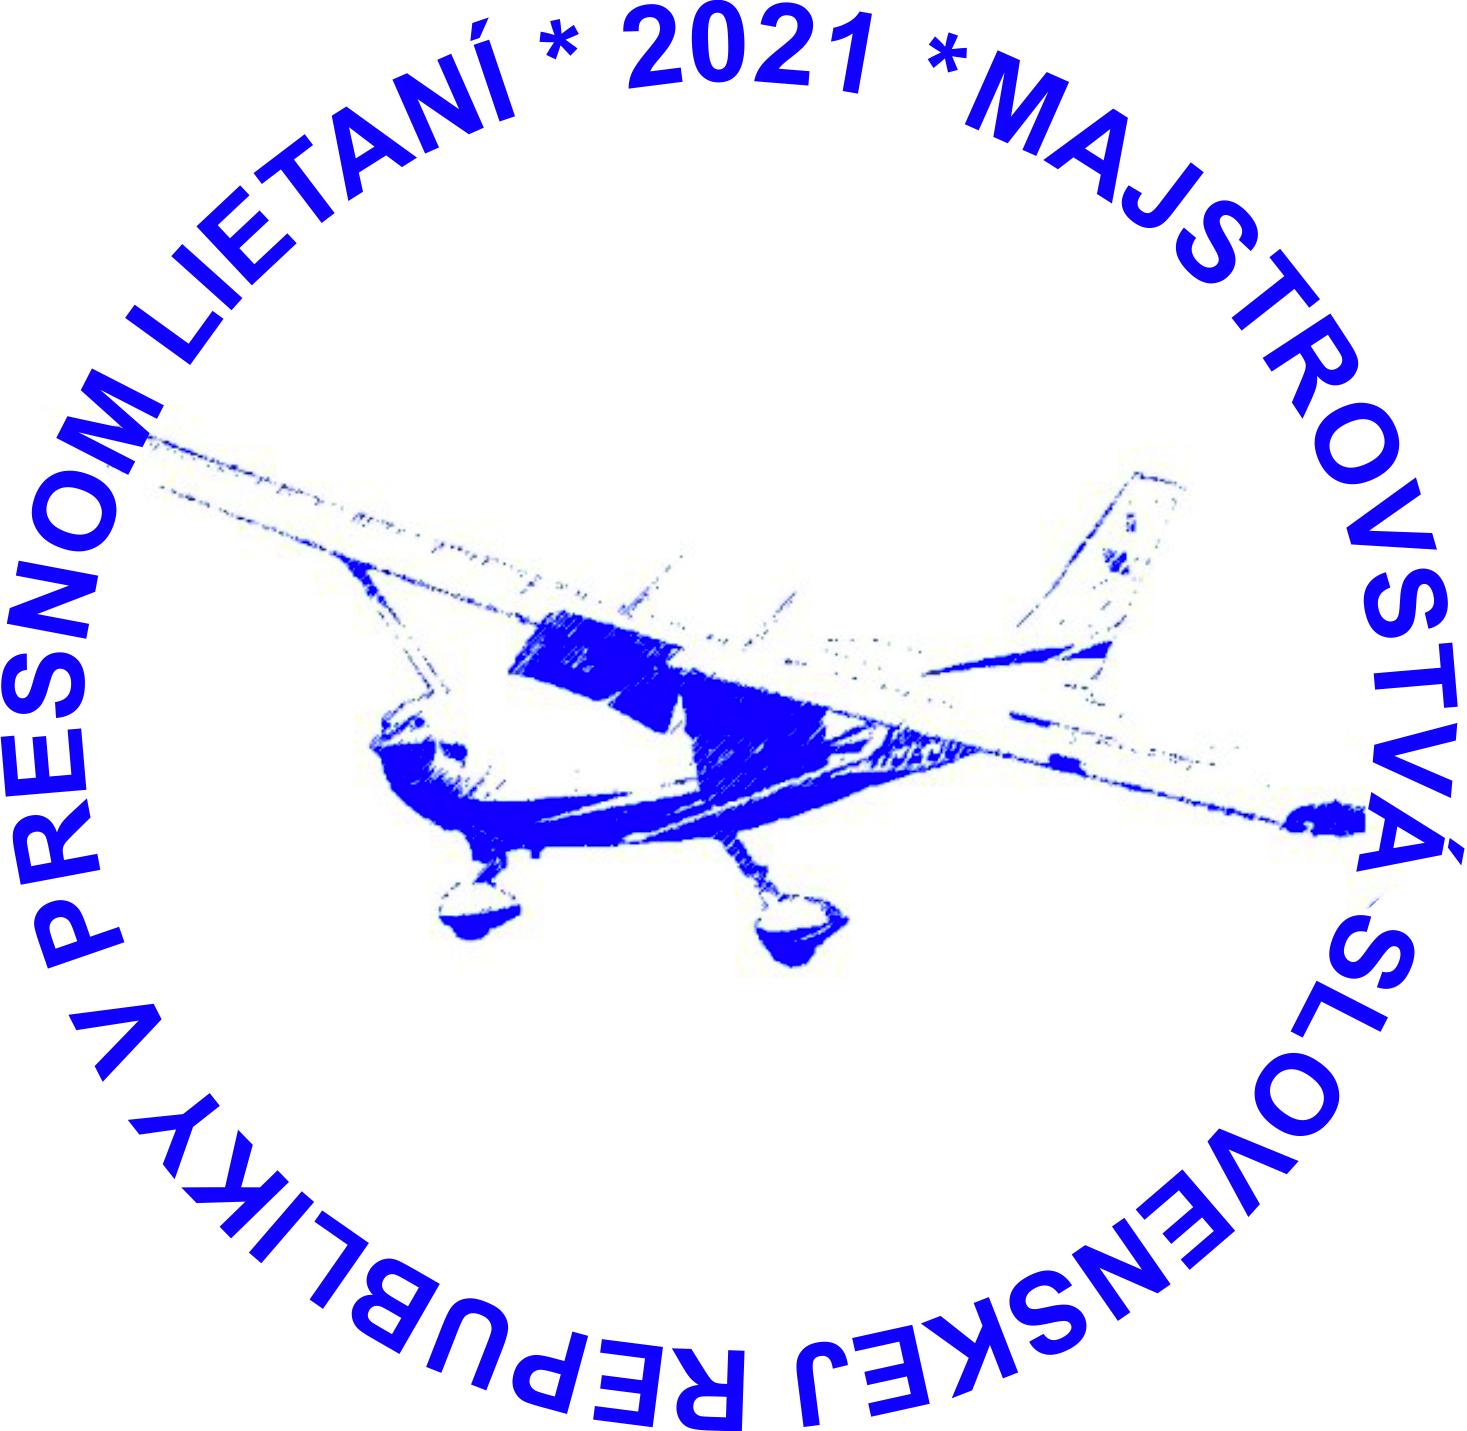 23. MAJSTROVSTVÁ SLOVENSKEJ REPUBLIKY V PRESNOM LIETANÍ 2021